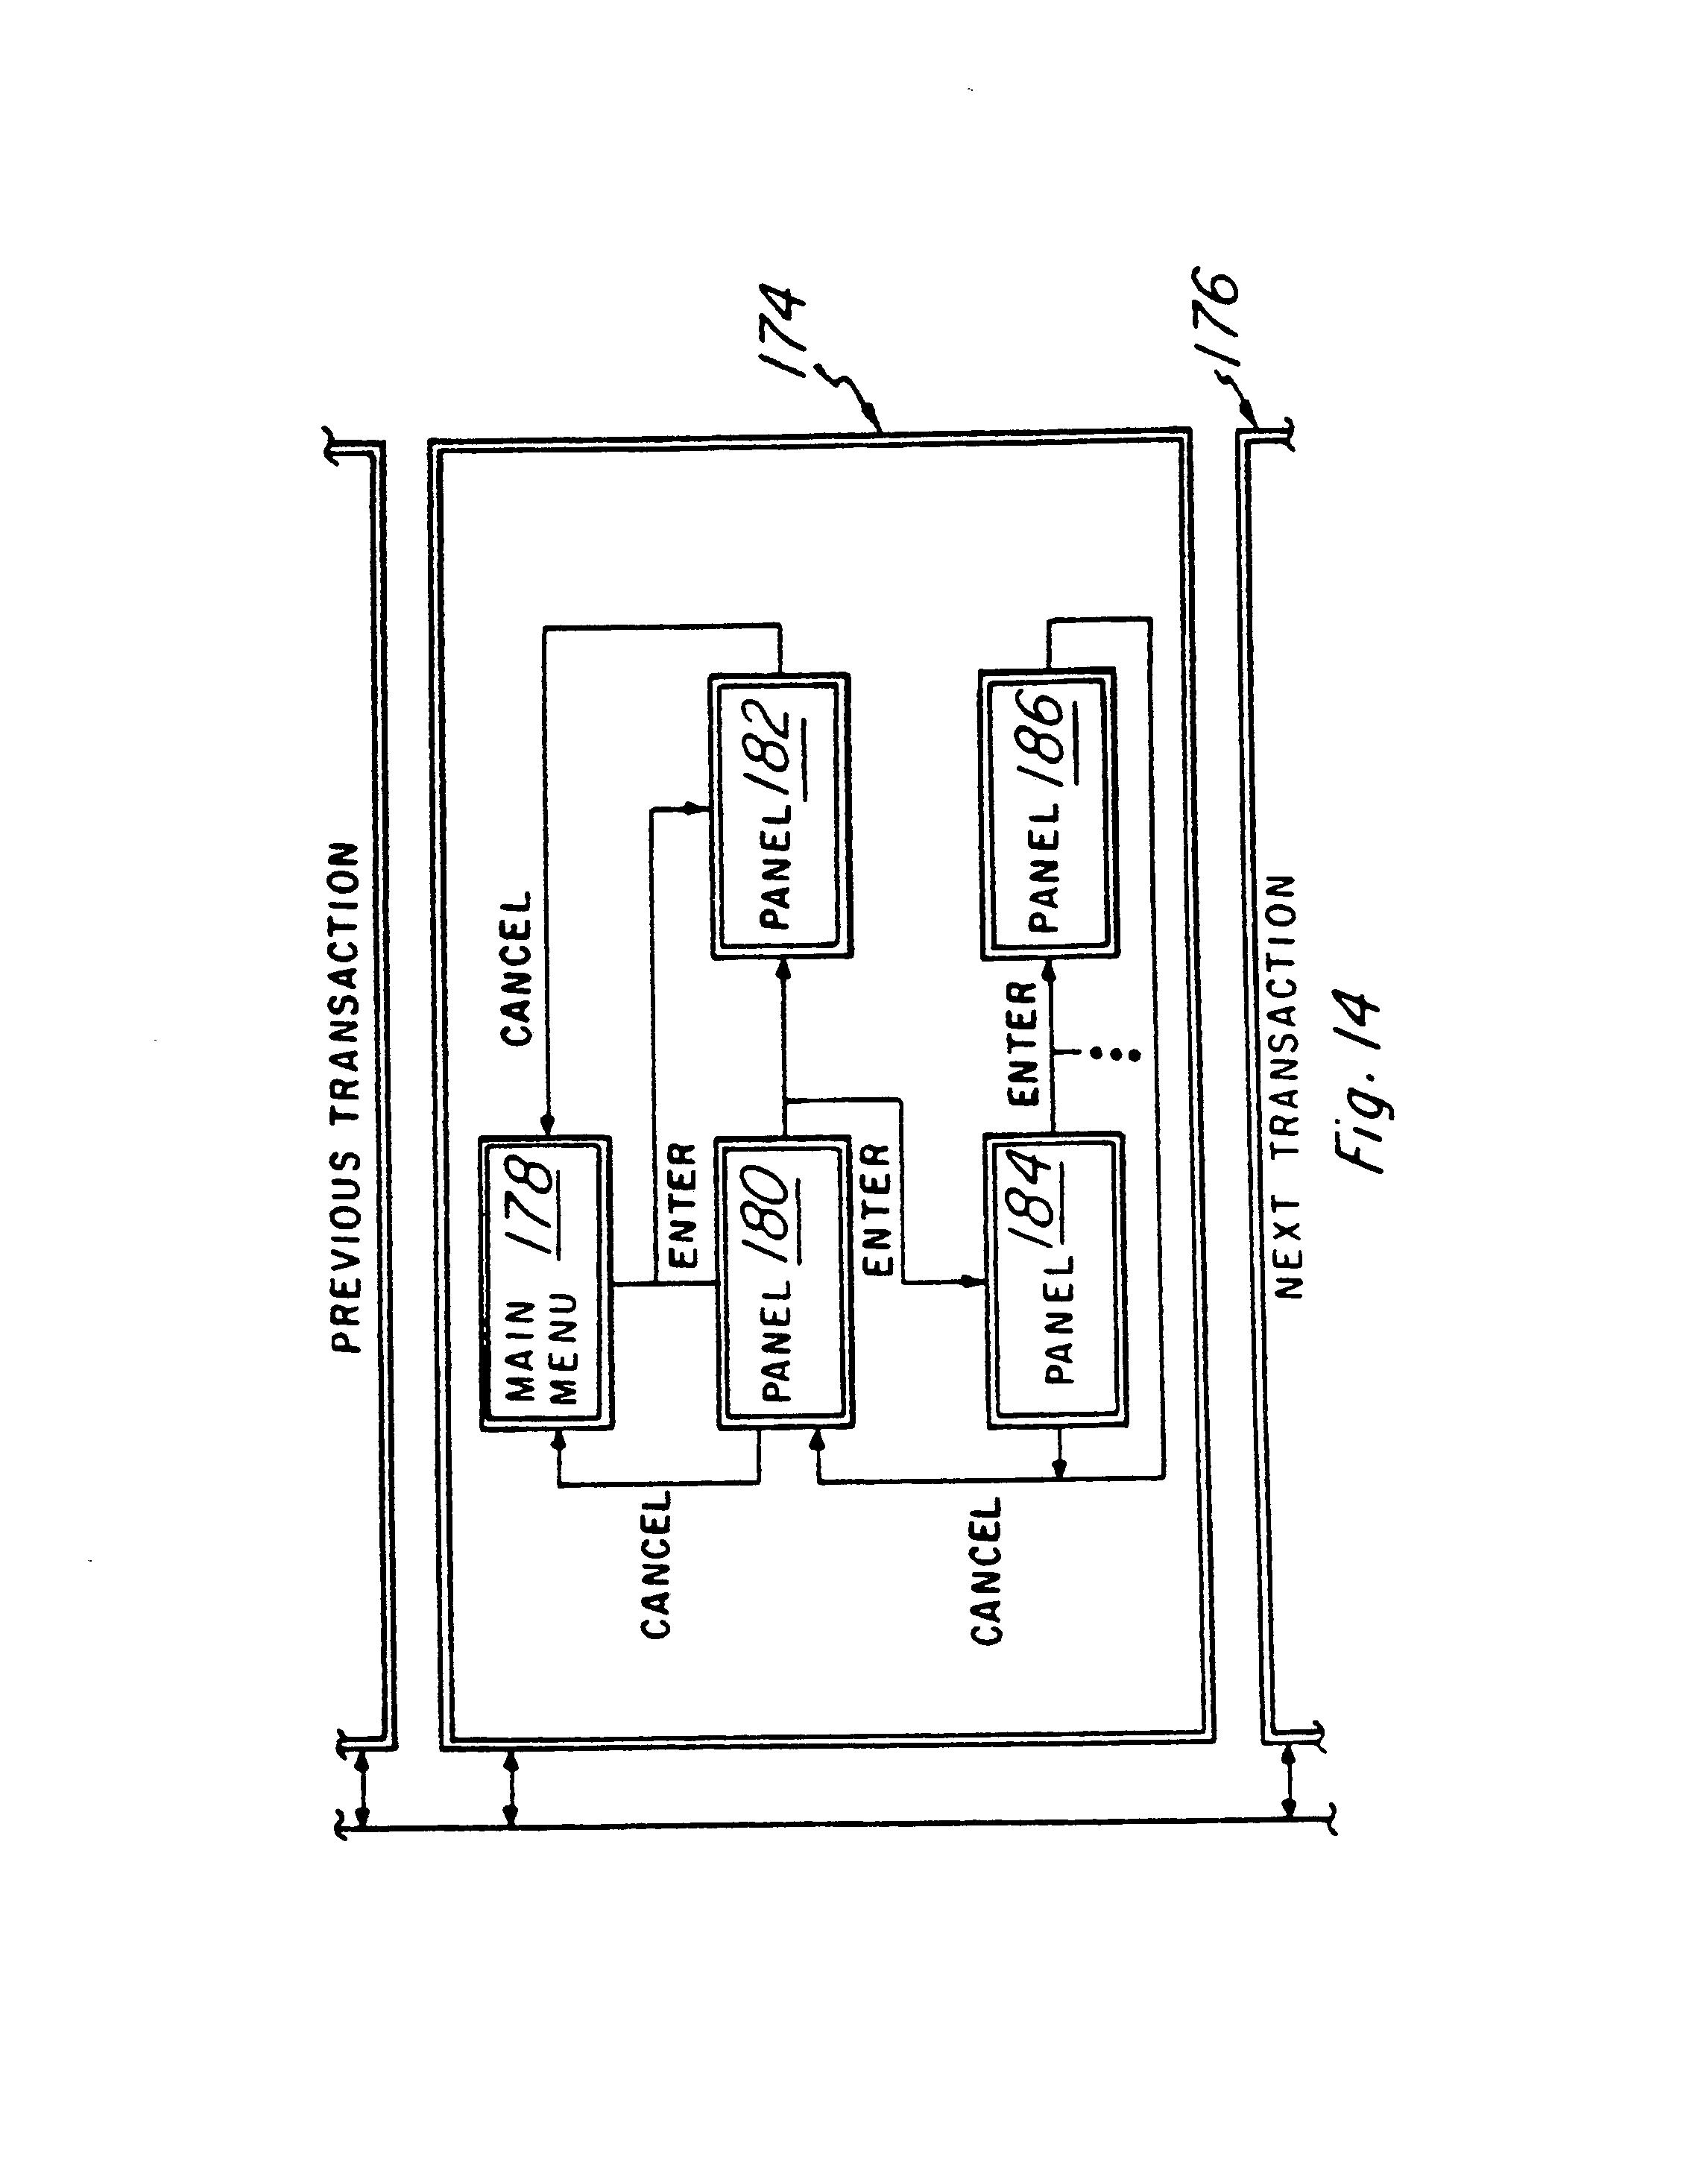 Patent ep0423937a2 bertragbare und dynamische architektur f r verteilte anwendungen google - Dynamische architektur ...